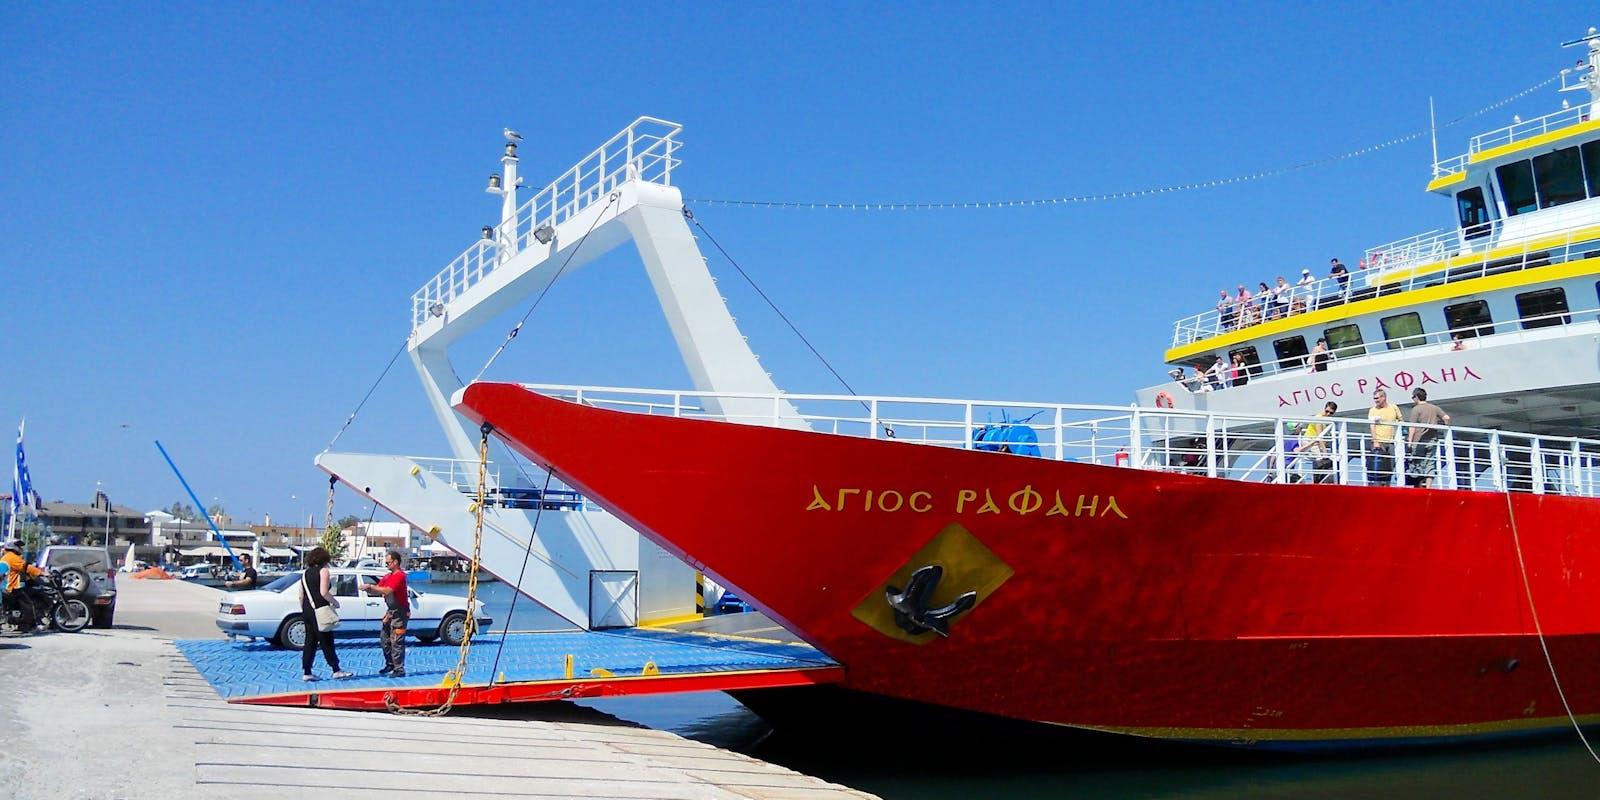 Fähren | griechenland.de